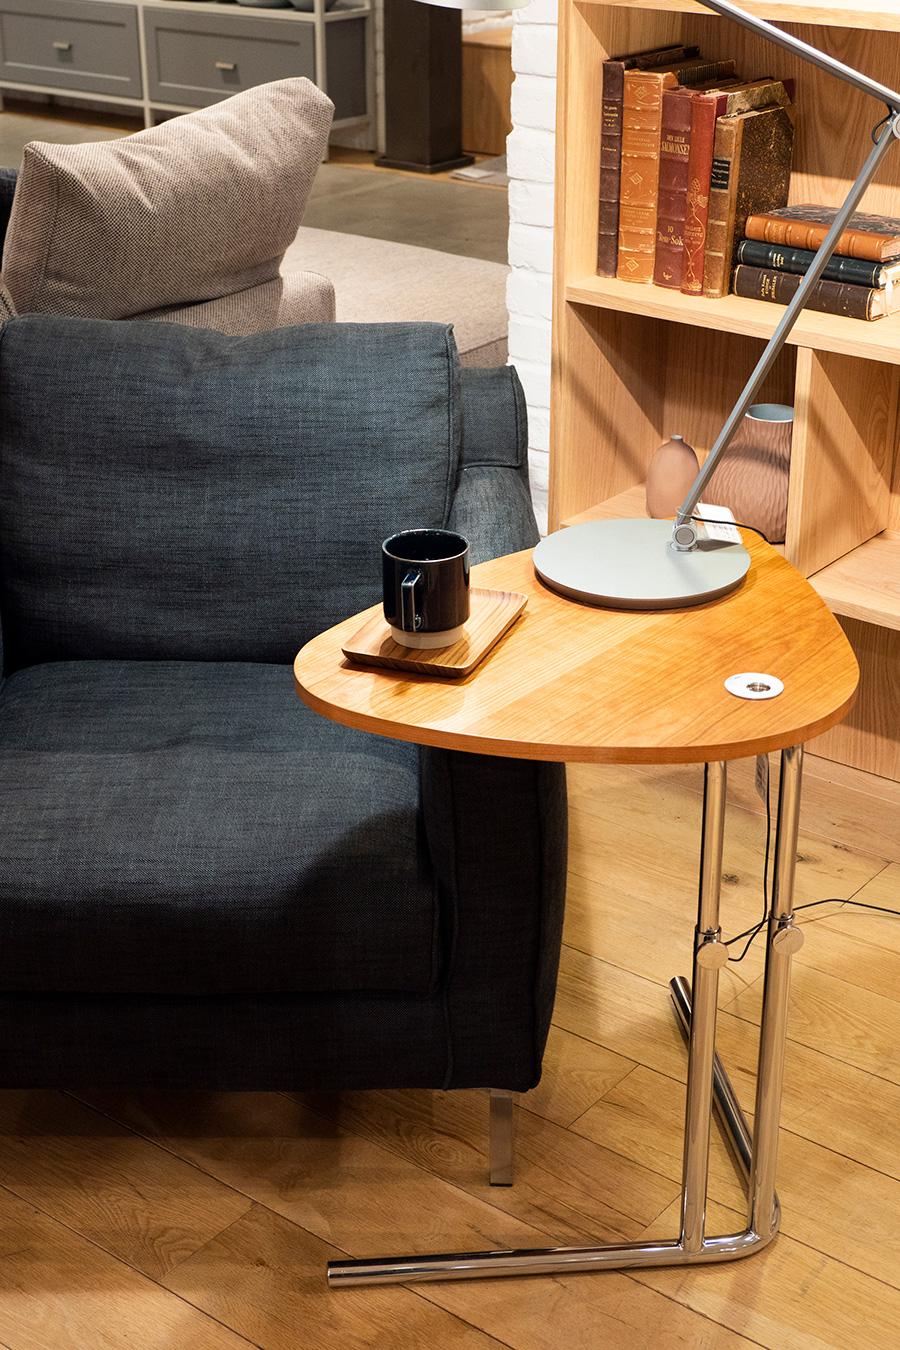 歪んだ3角形のように変形した天板が特徴のK22  SIDE TABLE¥70,400(税込)。高さを自由に変えられるので、デスクとしても、ソファーやダイニングテーブルの脇にもセット可能。L字の脚がすっきり収まってくれる。